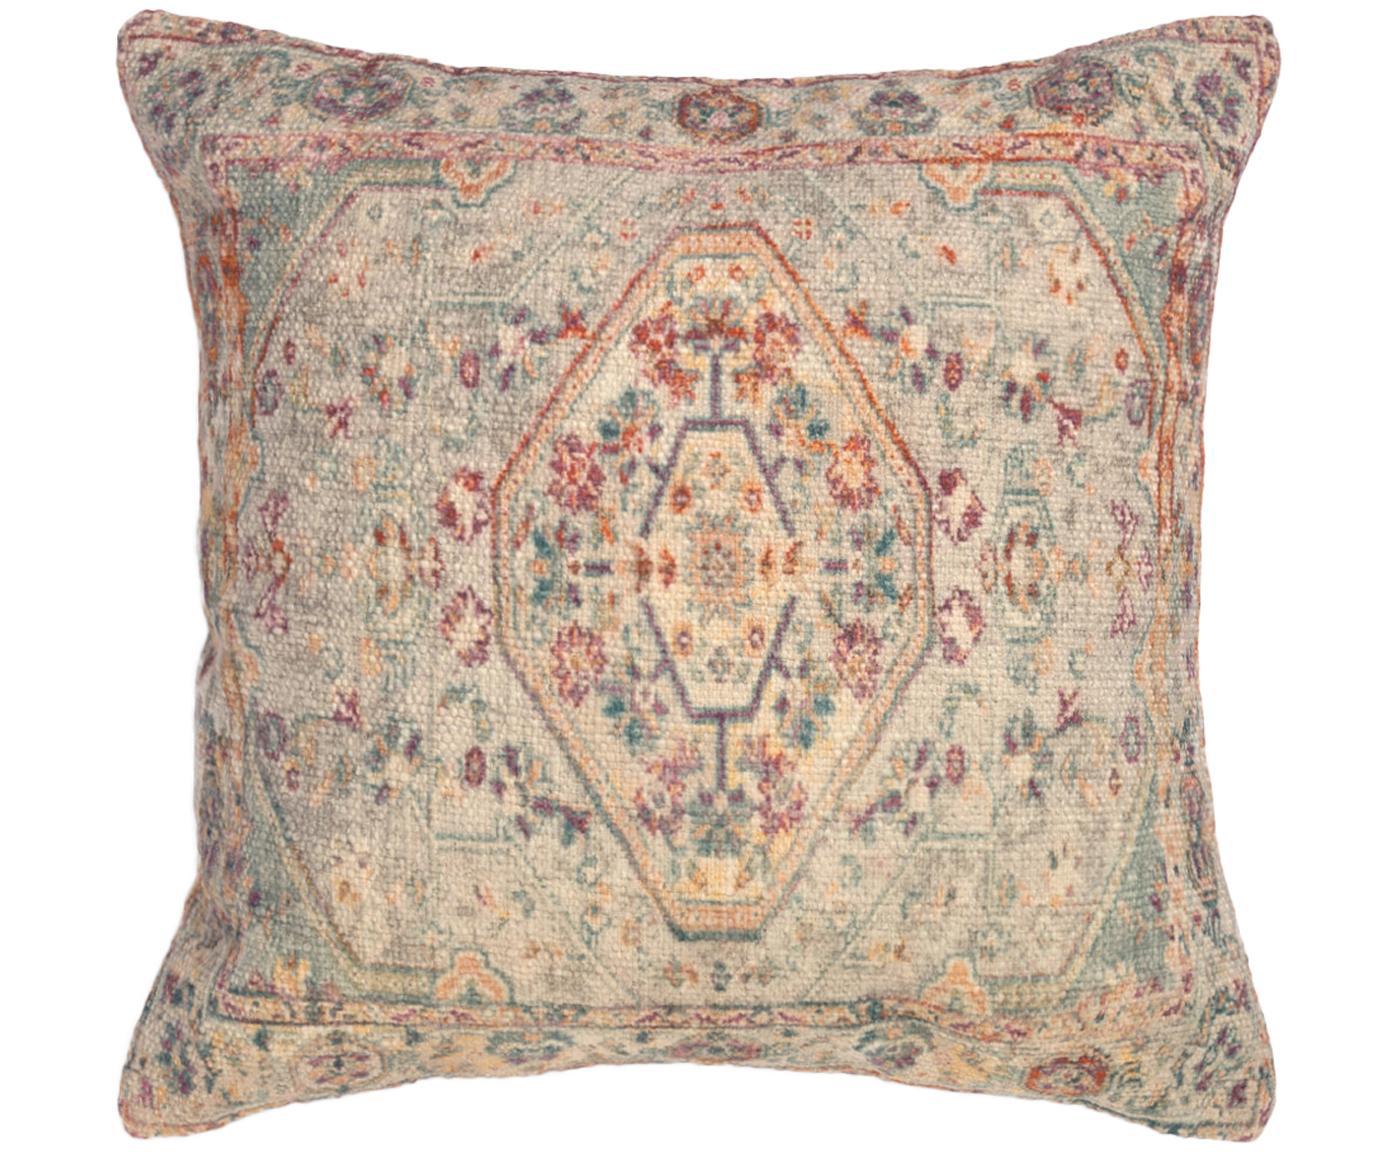 Vintage Kissenhülle Eliseo, 100% Baumwolle, Beige, Mehrfarbig, 45 x 45 cm